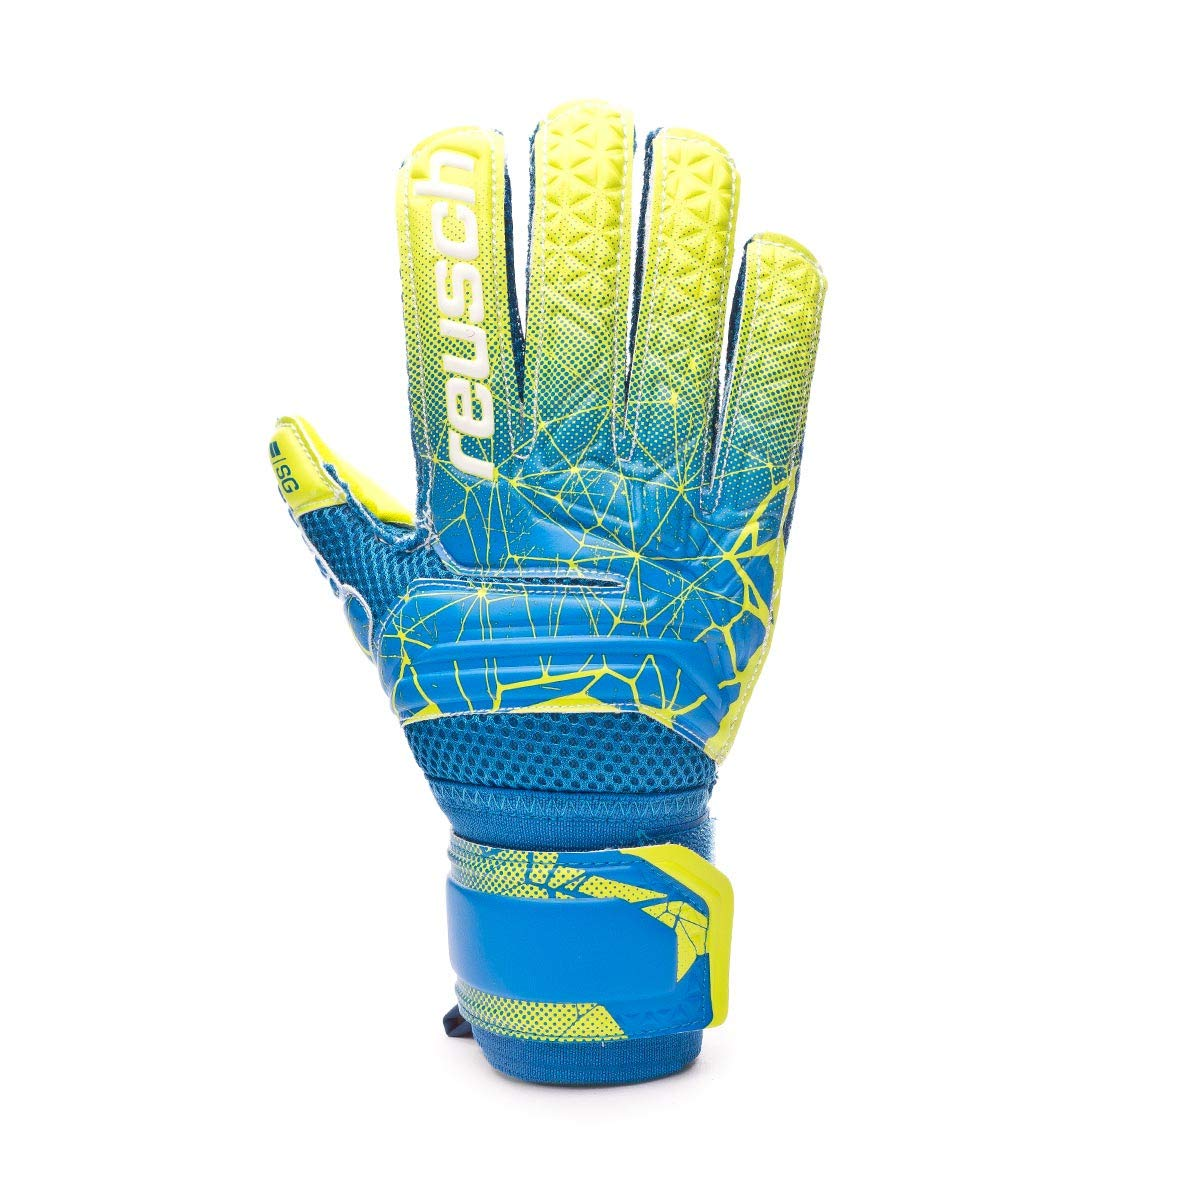 Reusch Fit Control SG Extra Finger Support Junior Goalkeeper Glove